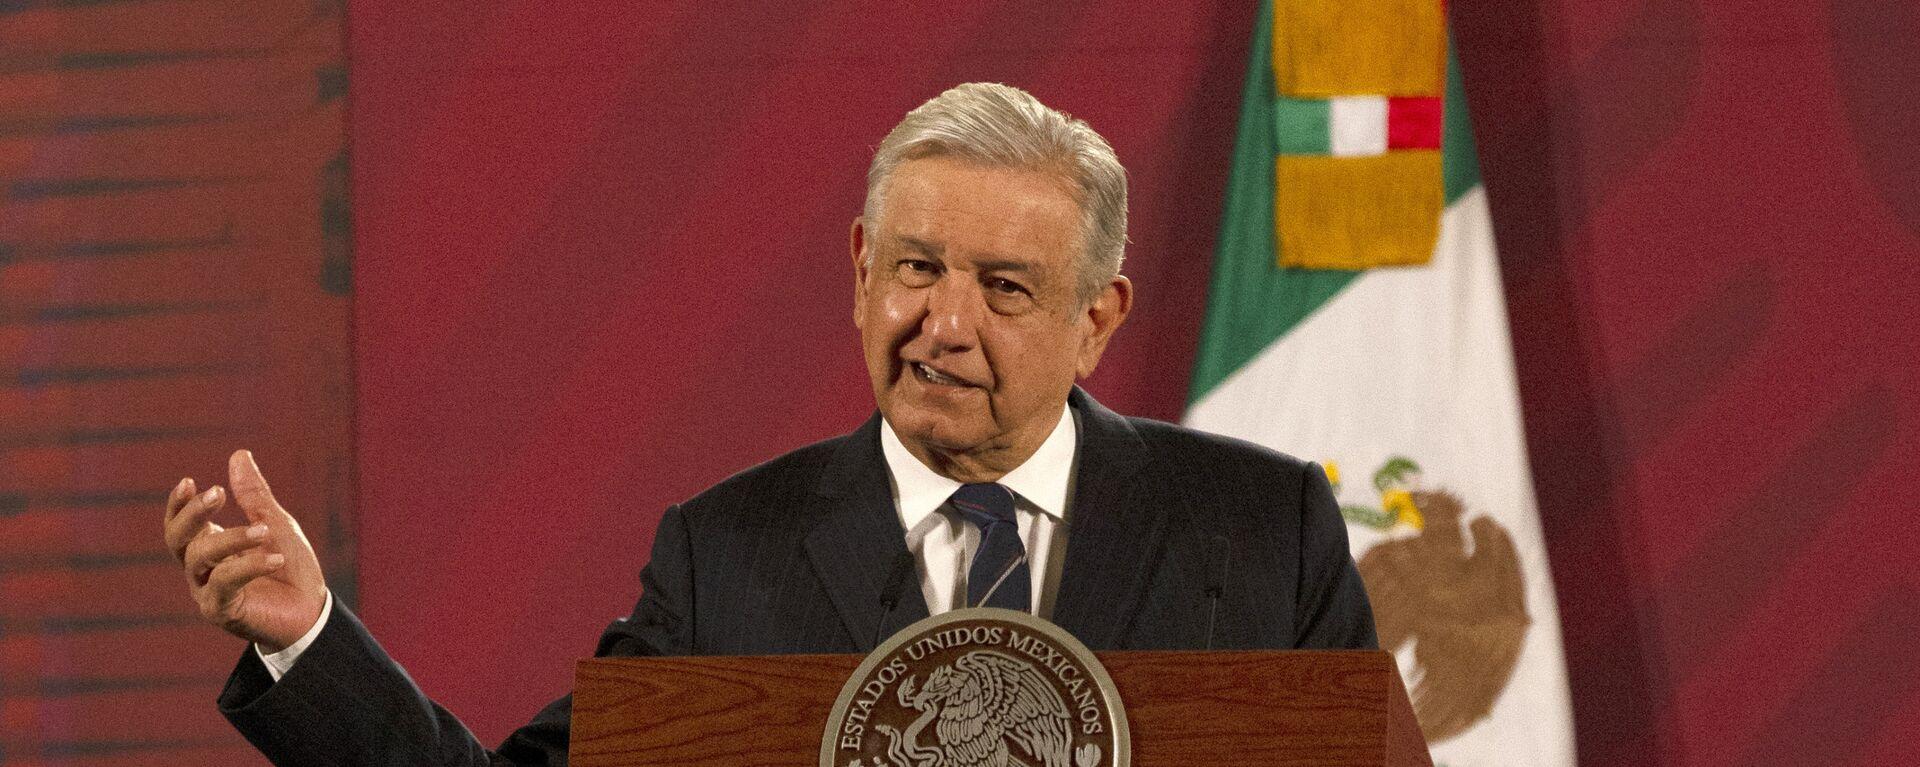 Andrés Manuel López Obrador, presidente de México - Sputnik Mundo, 1920, 22.01.2021